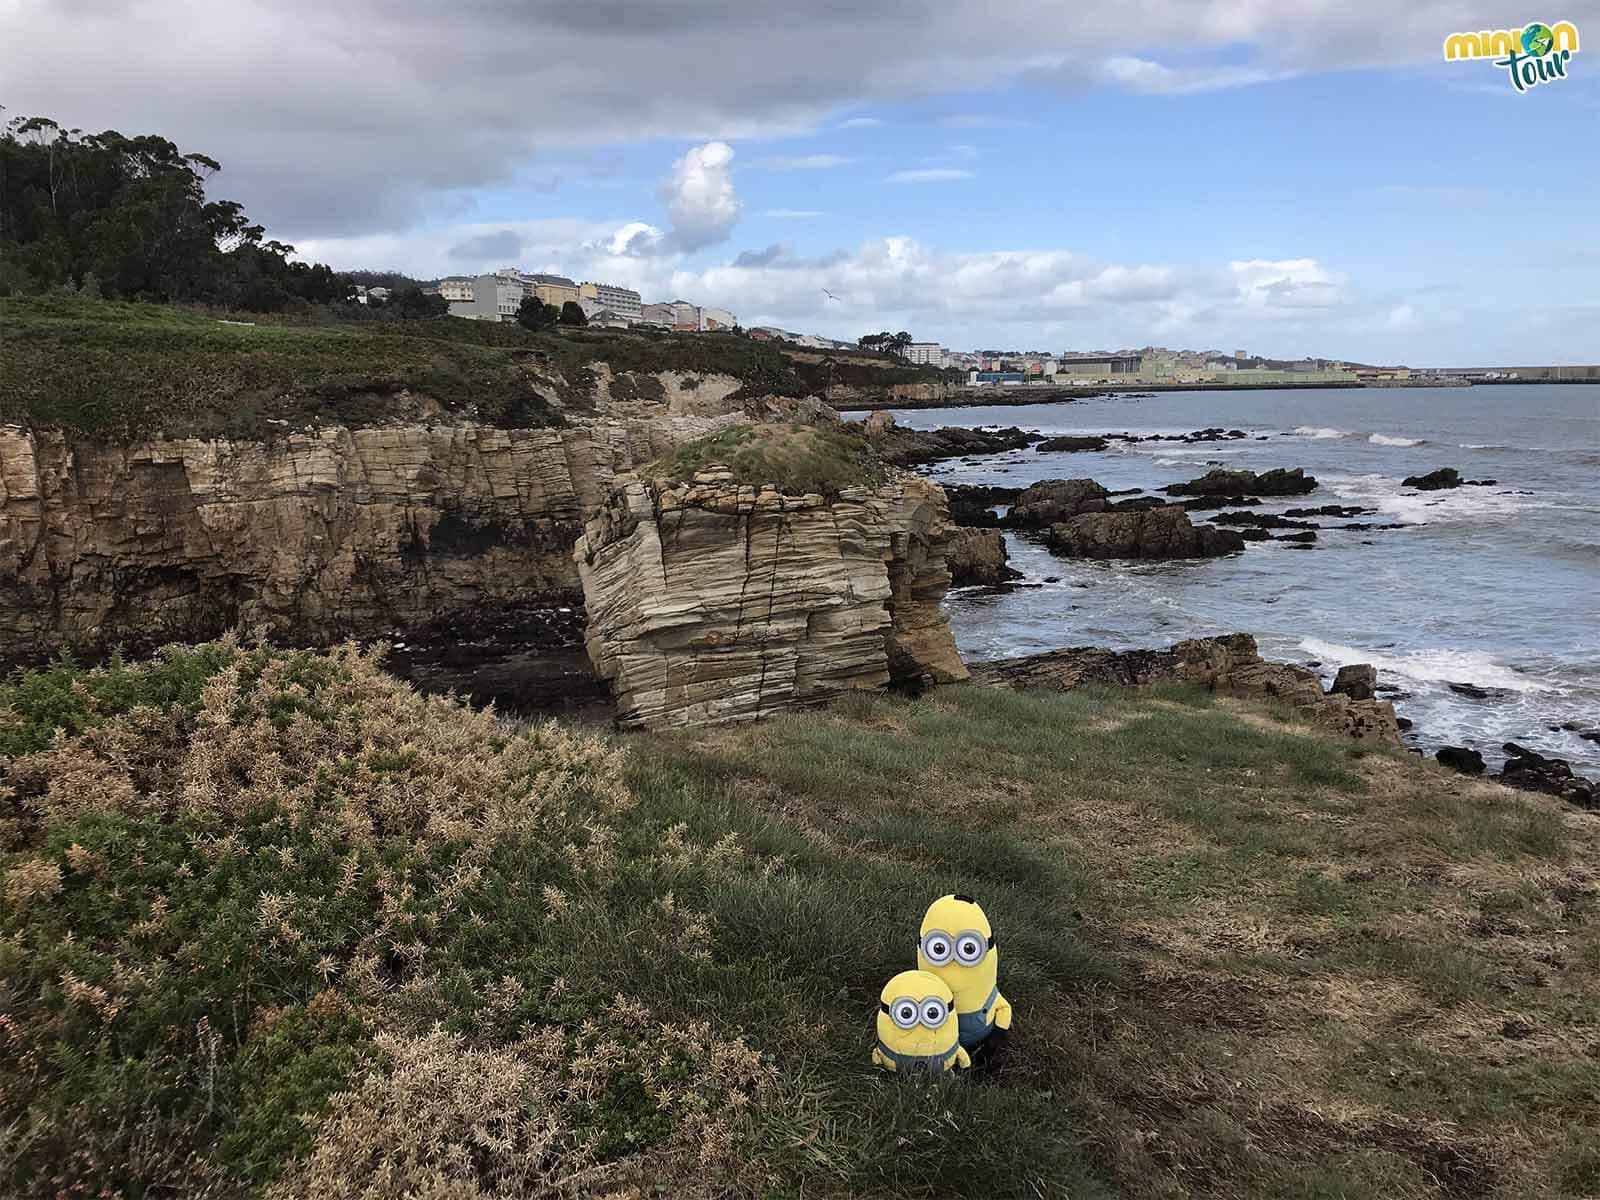 La zona geológica de Perdouro es un rinconcito guay de la costa de Lugo